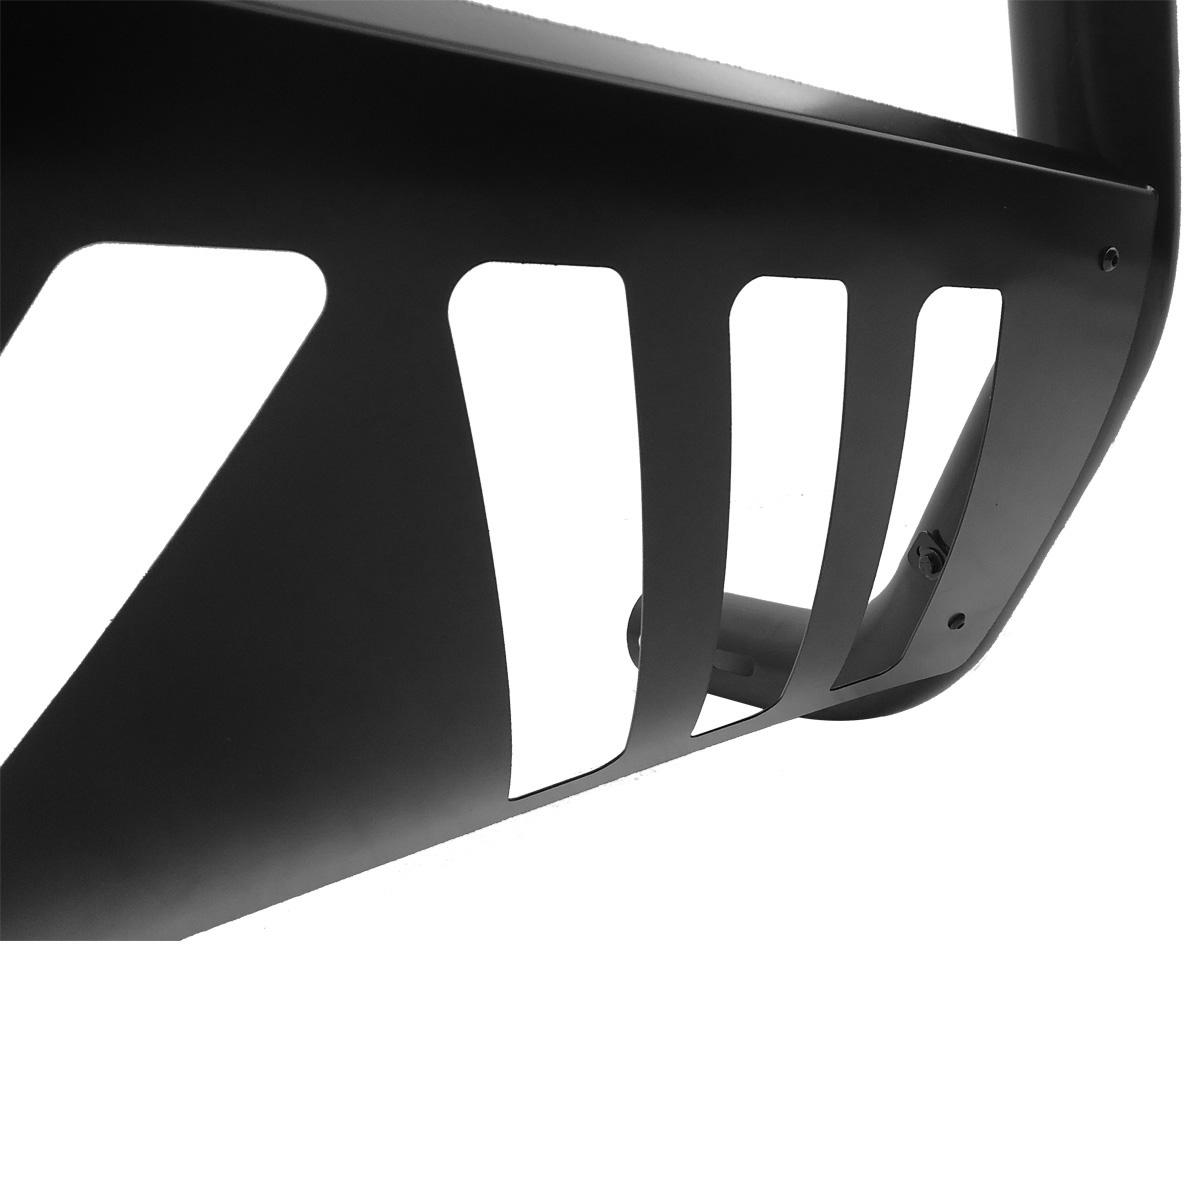 Parachoque de impulsão quebra mato VF com grade preto Ranger 2013 a 2022